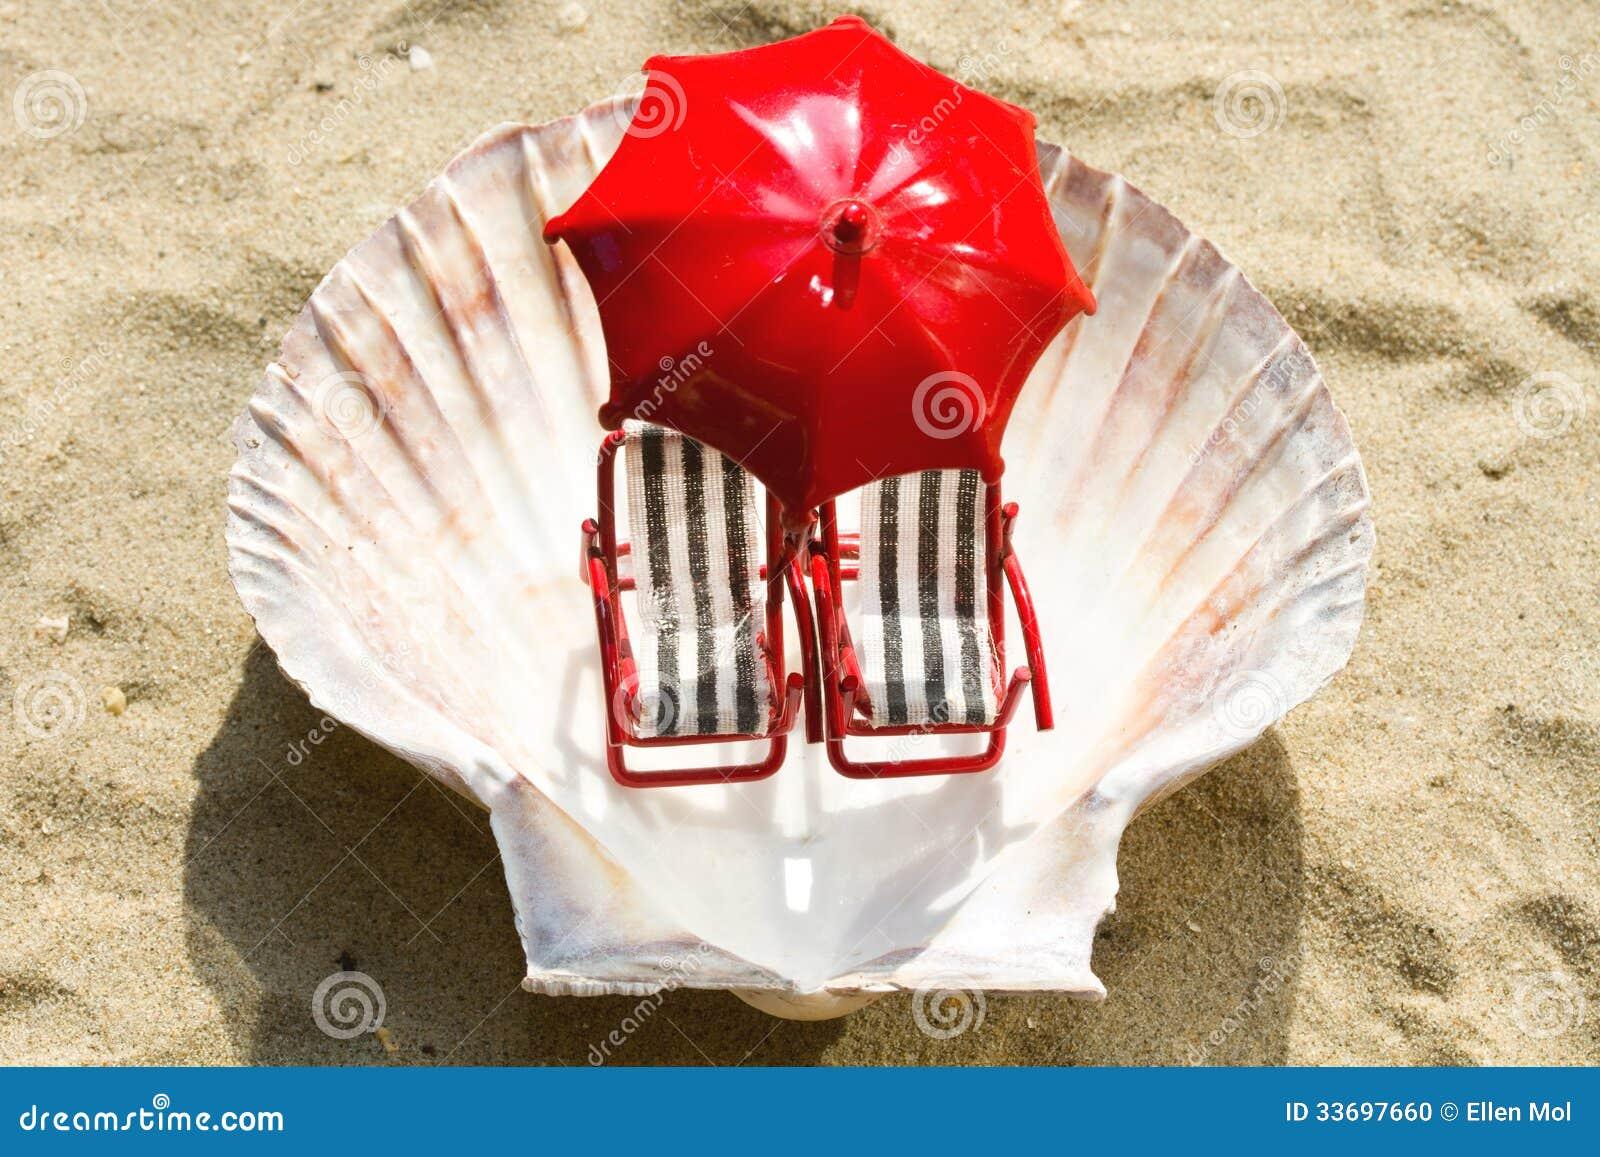 Sedie A Sdraio In Miniatura.Sedie A Sdraio Miniatura Sulla Spiaggia Fotografia Stock Immagine